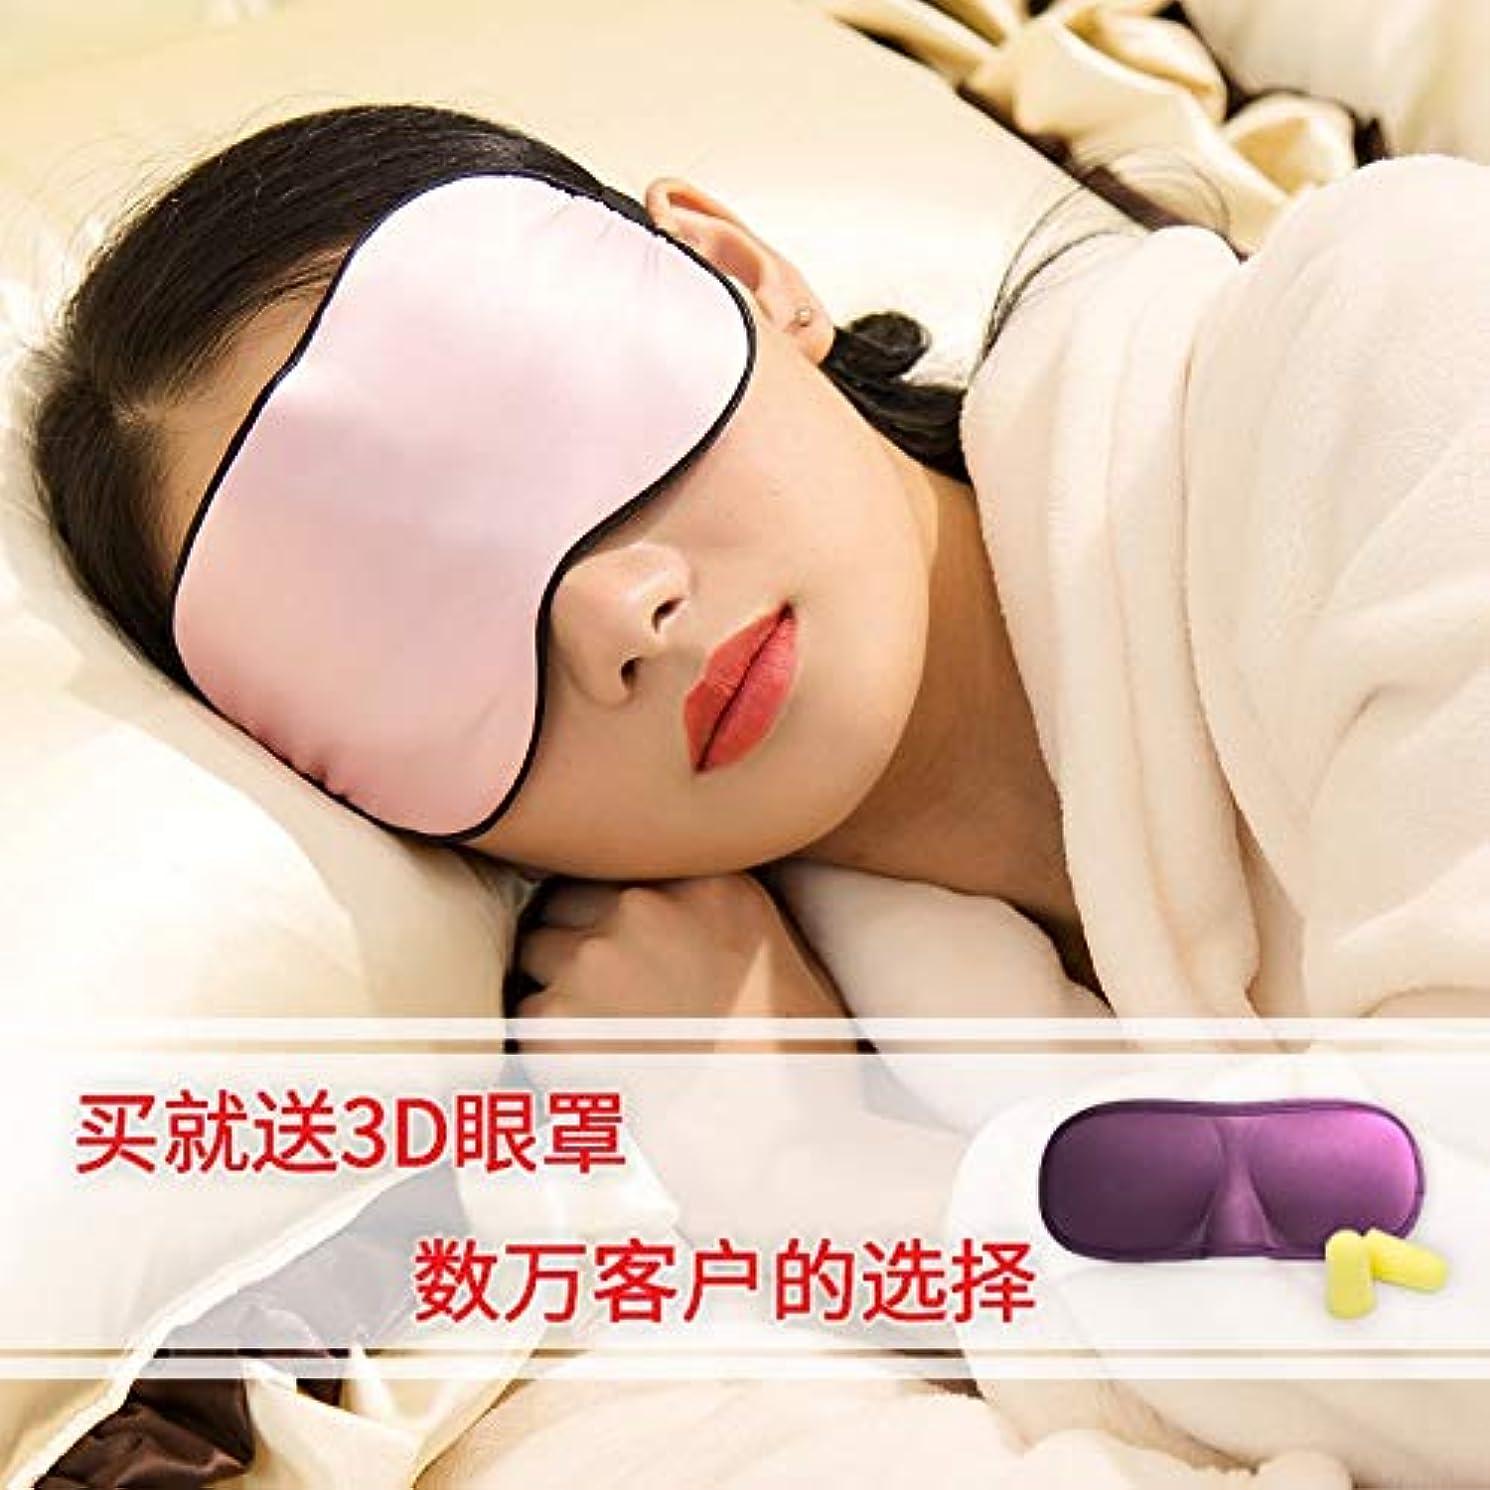 器用初期サラダNOTE 100%シルクの快適な睡眠用アイマスク、耳栓で調節可能なアイシェーディング、通気性ゴーグル